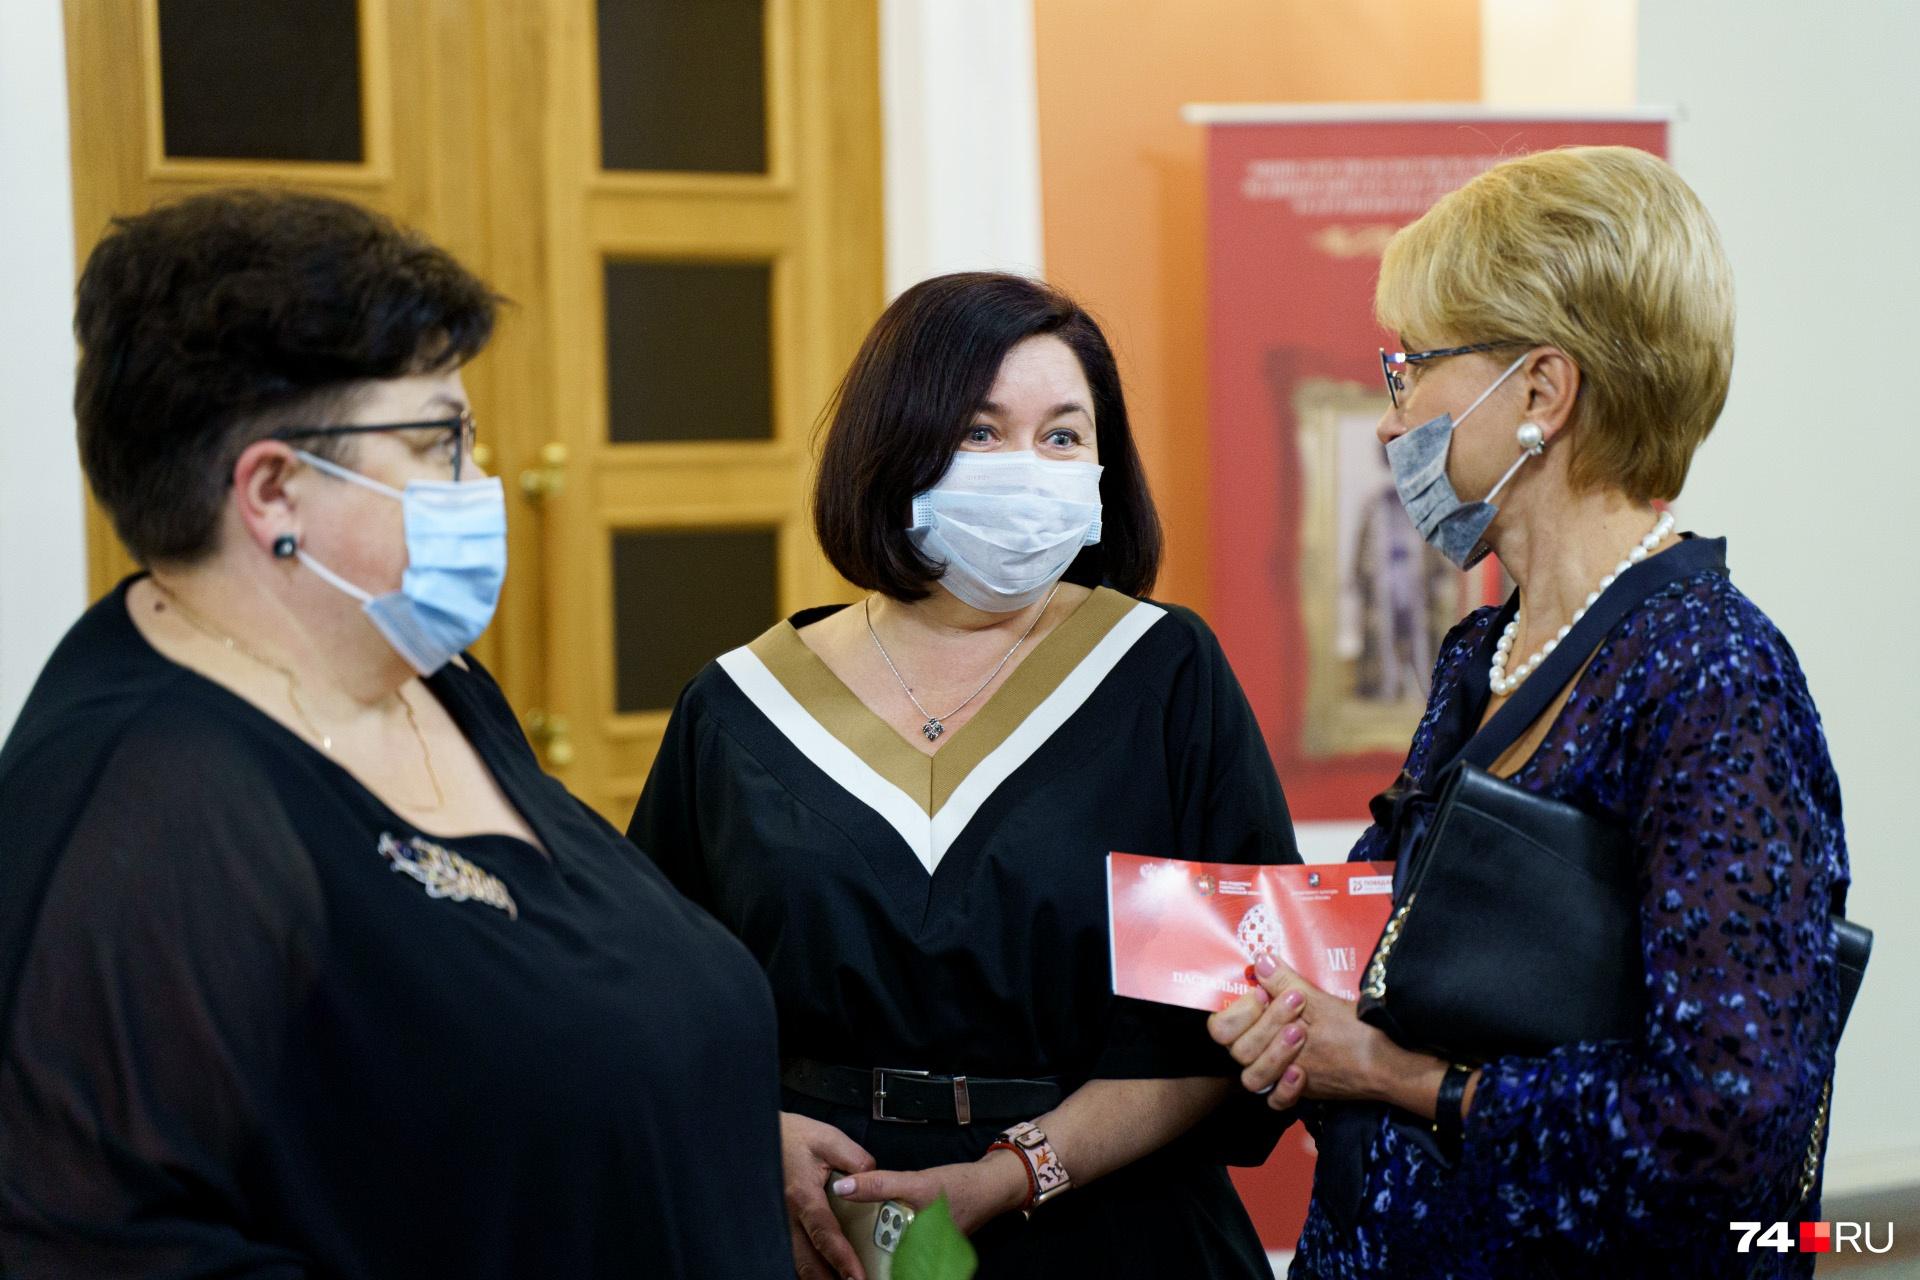 Глава Челябинского горздрава Наталья Горлова тоже не пропустила событие